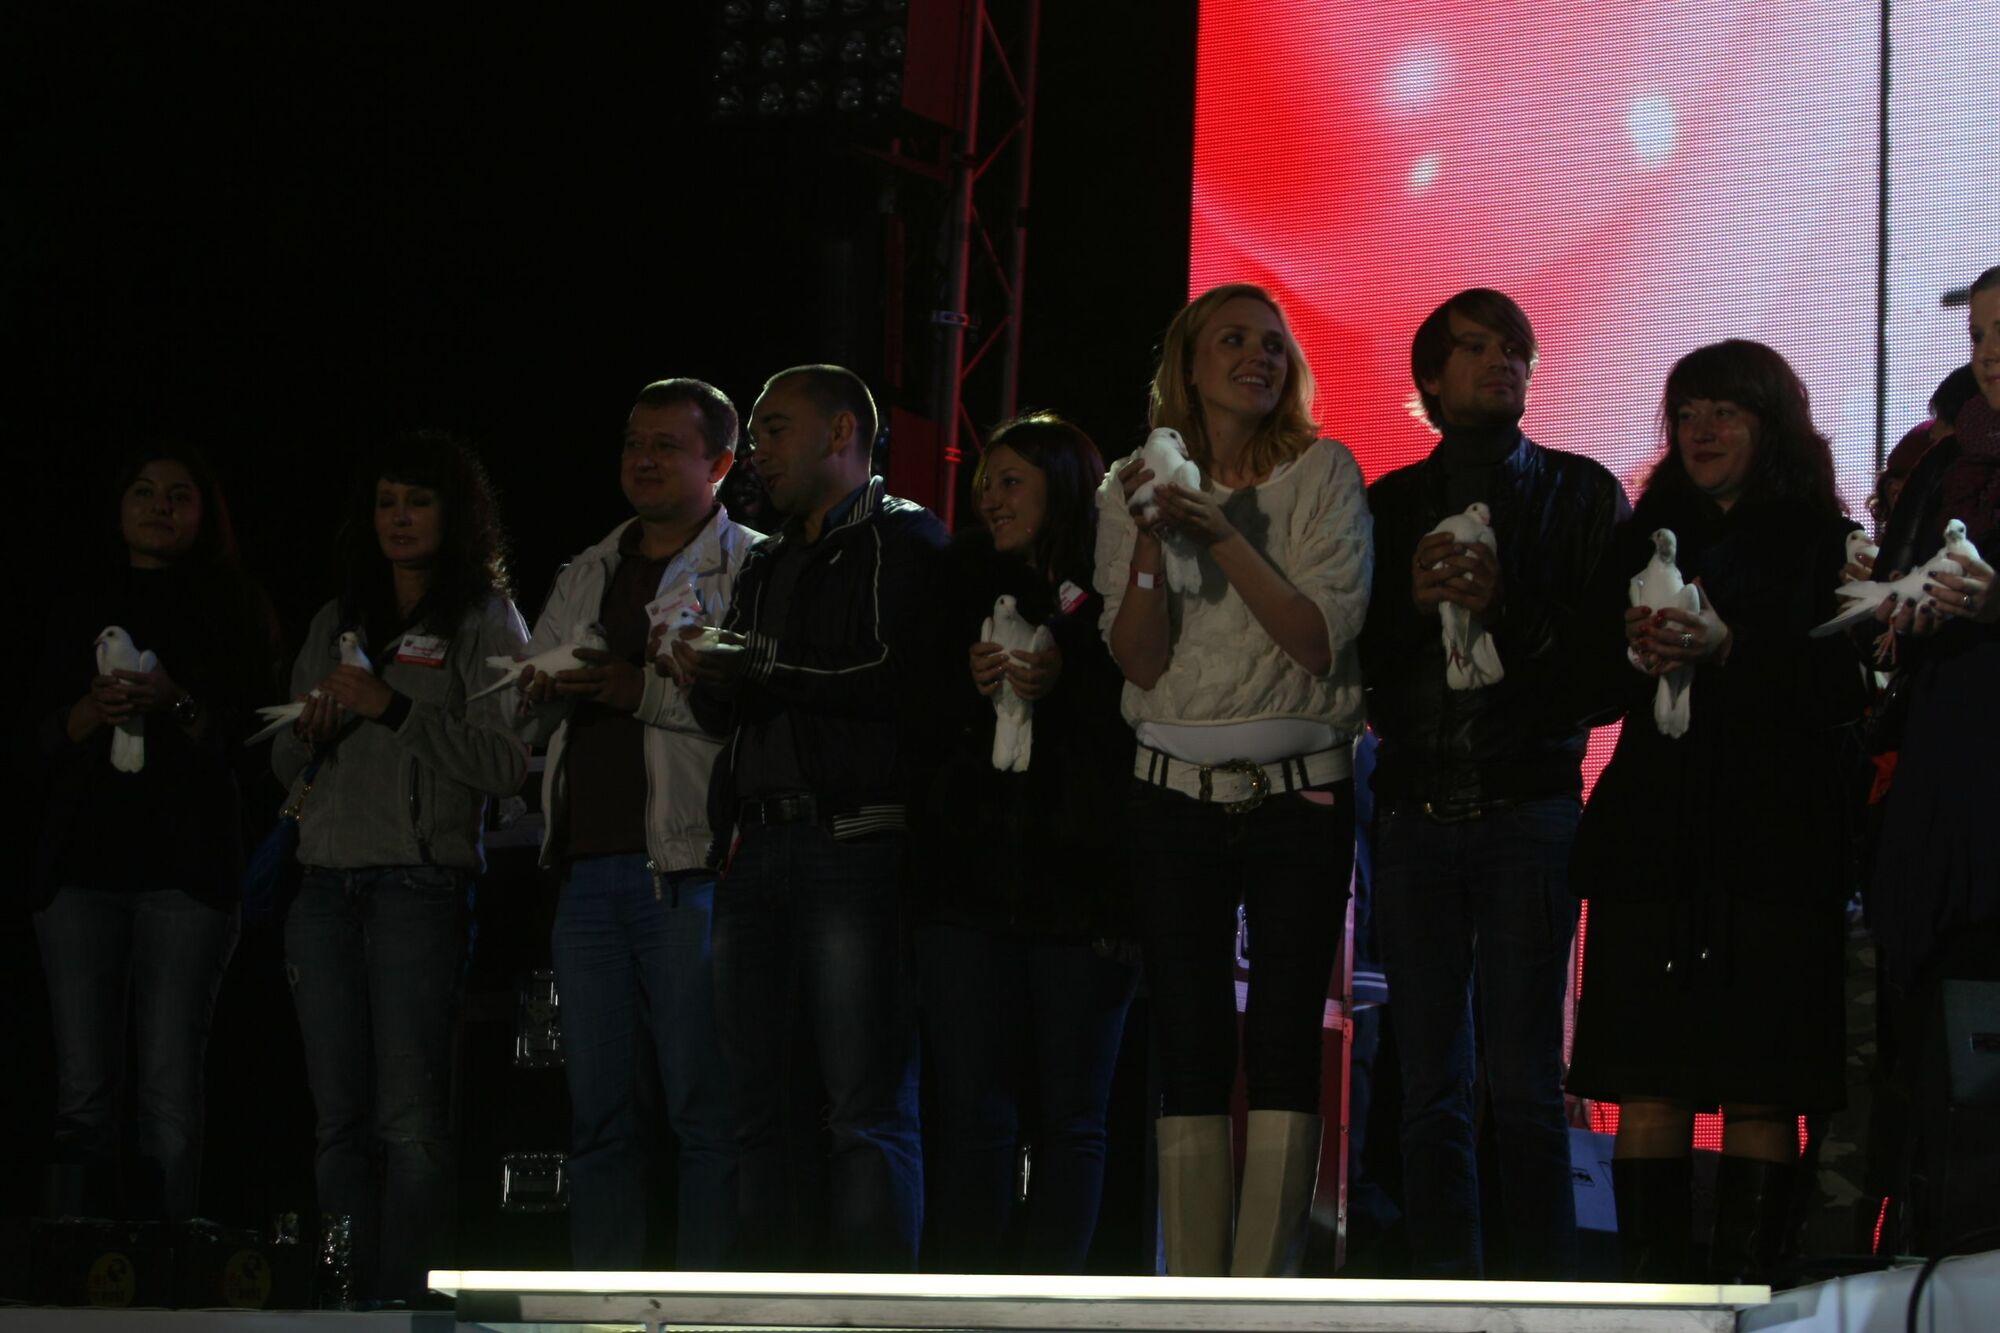 Політики і зірки відірвалися під Софі Елліс-Бекстер. Фото